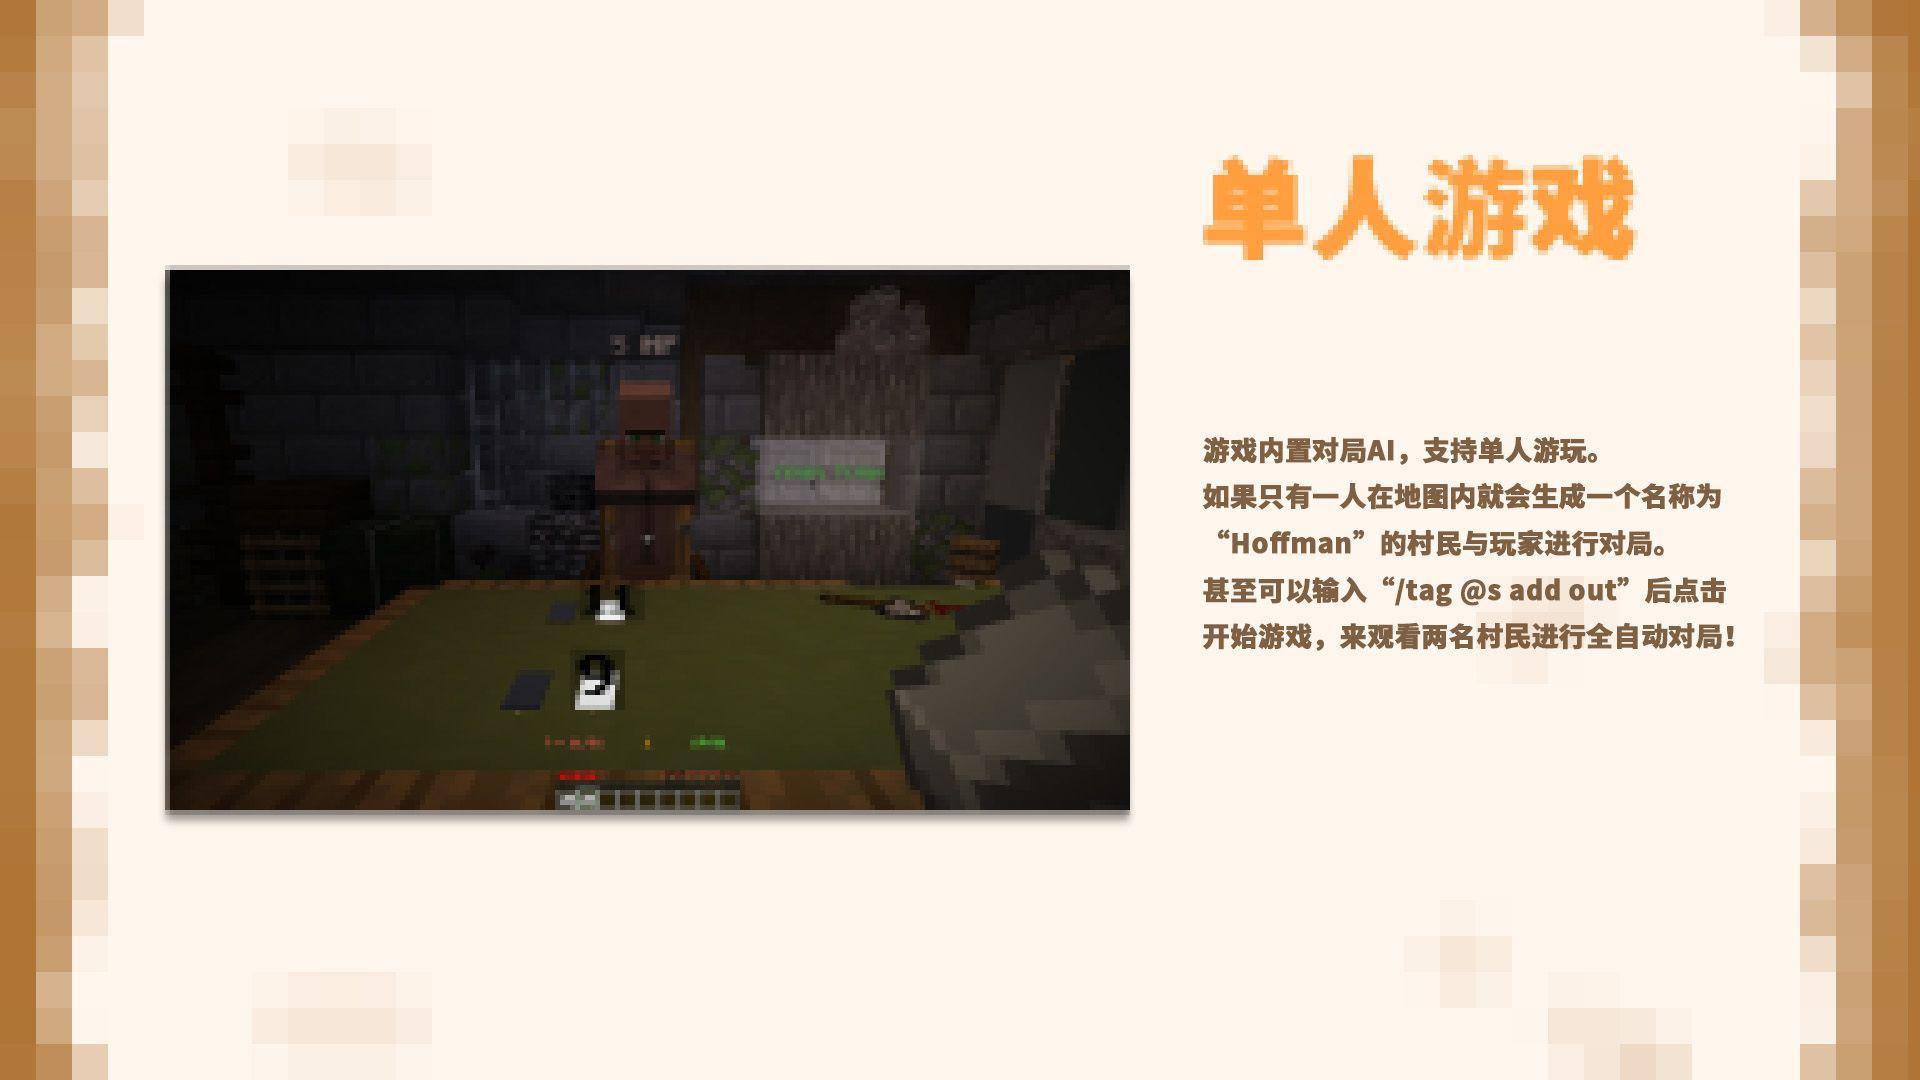 file_1594611231000.jpg